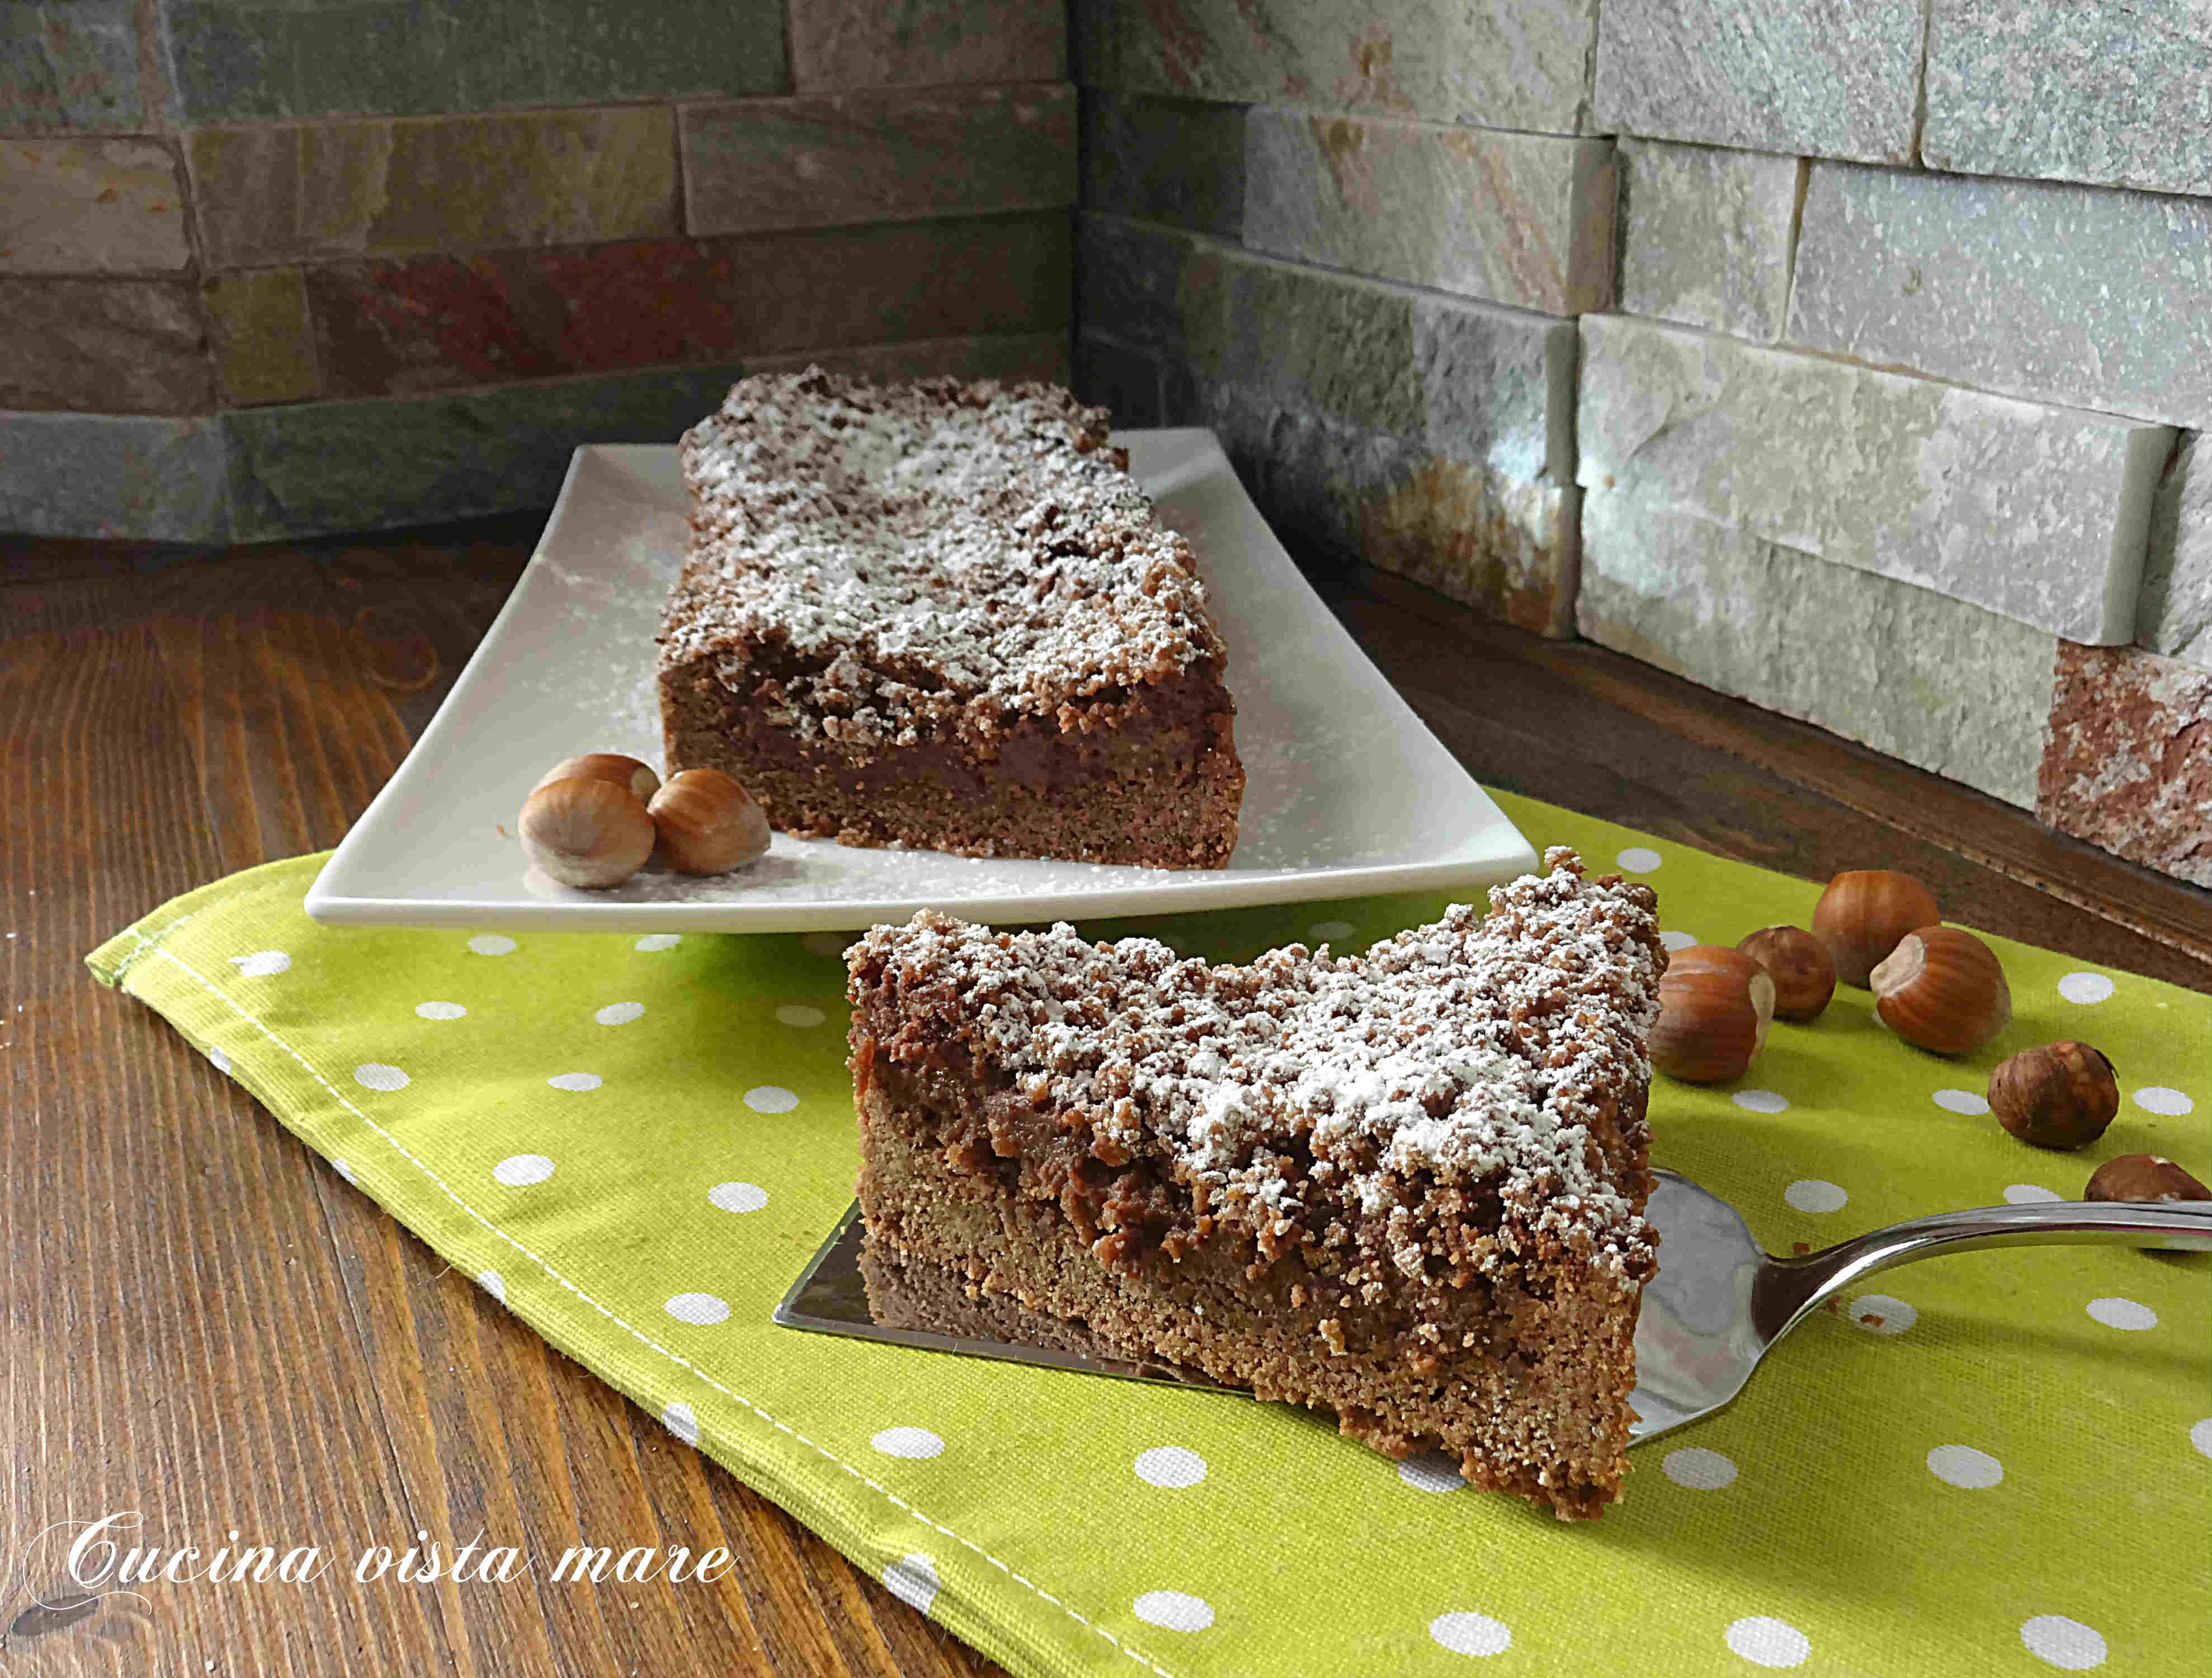 La sbriciolata al cioccolato è un dolce goloso: pasta frolla sbriciolata, ricotta e crema di nocciole, una torta morbida e croccante allo stesso tempo!